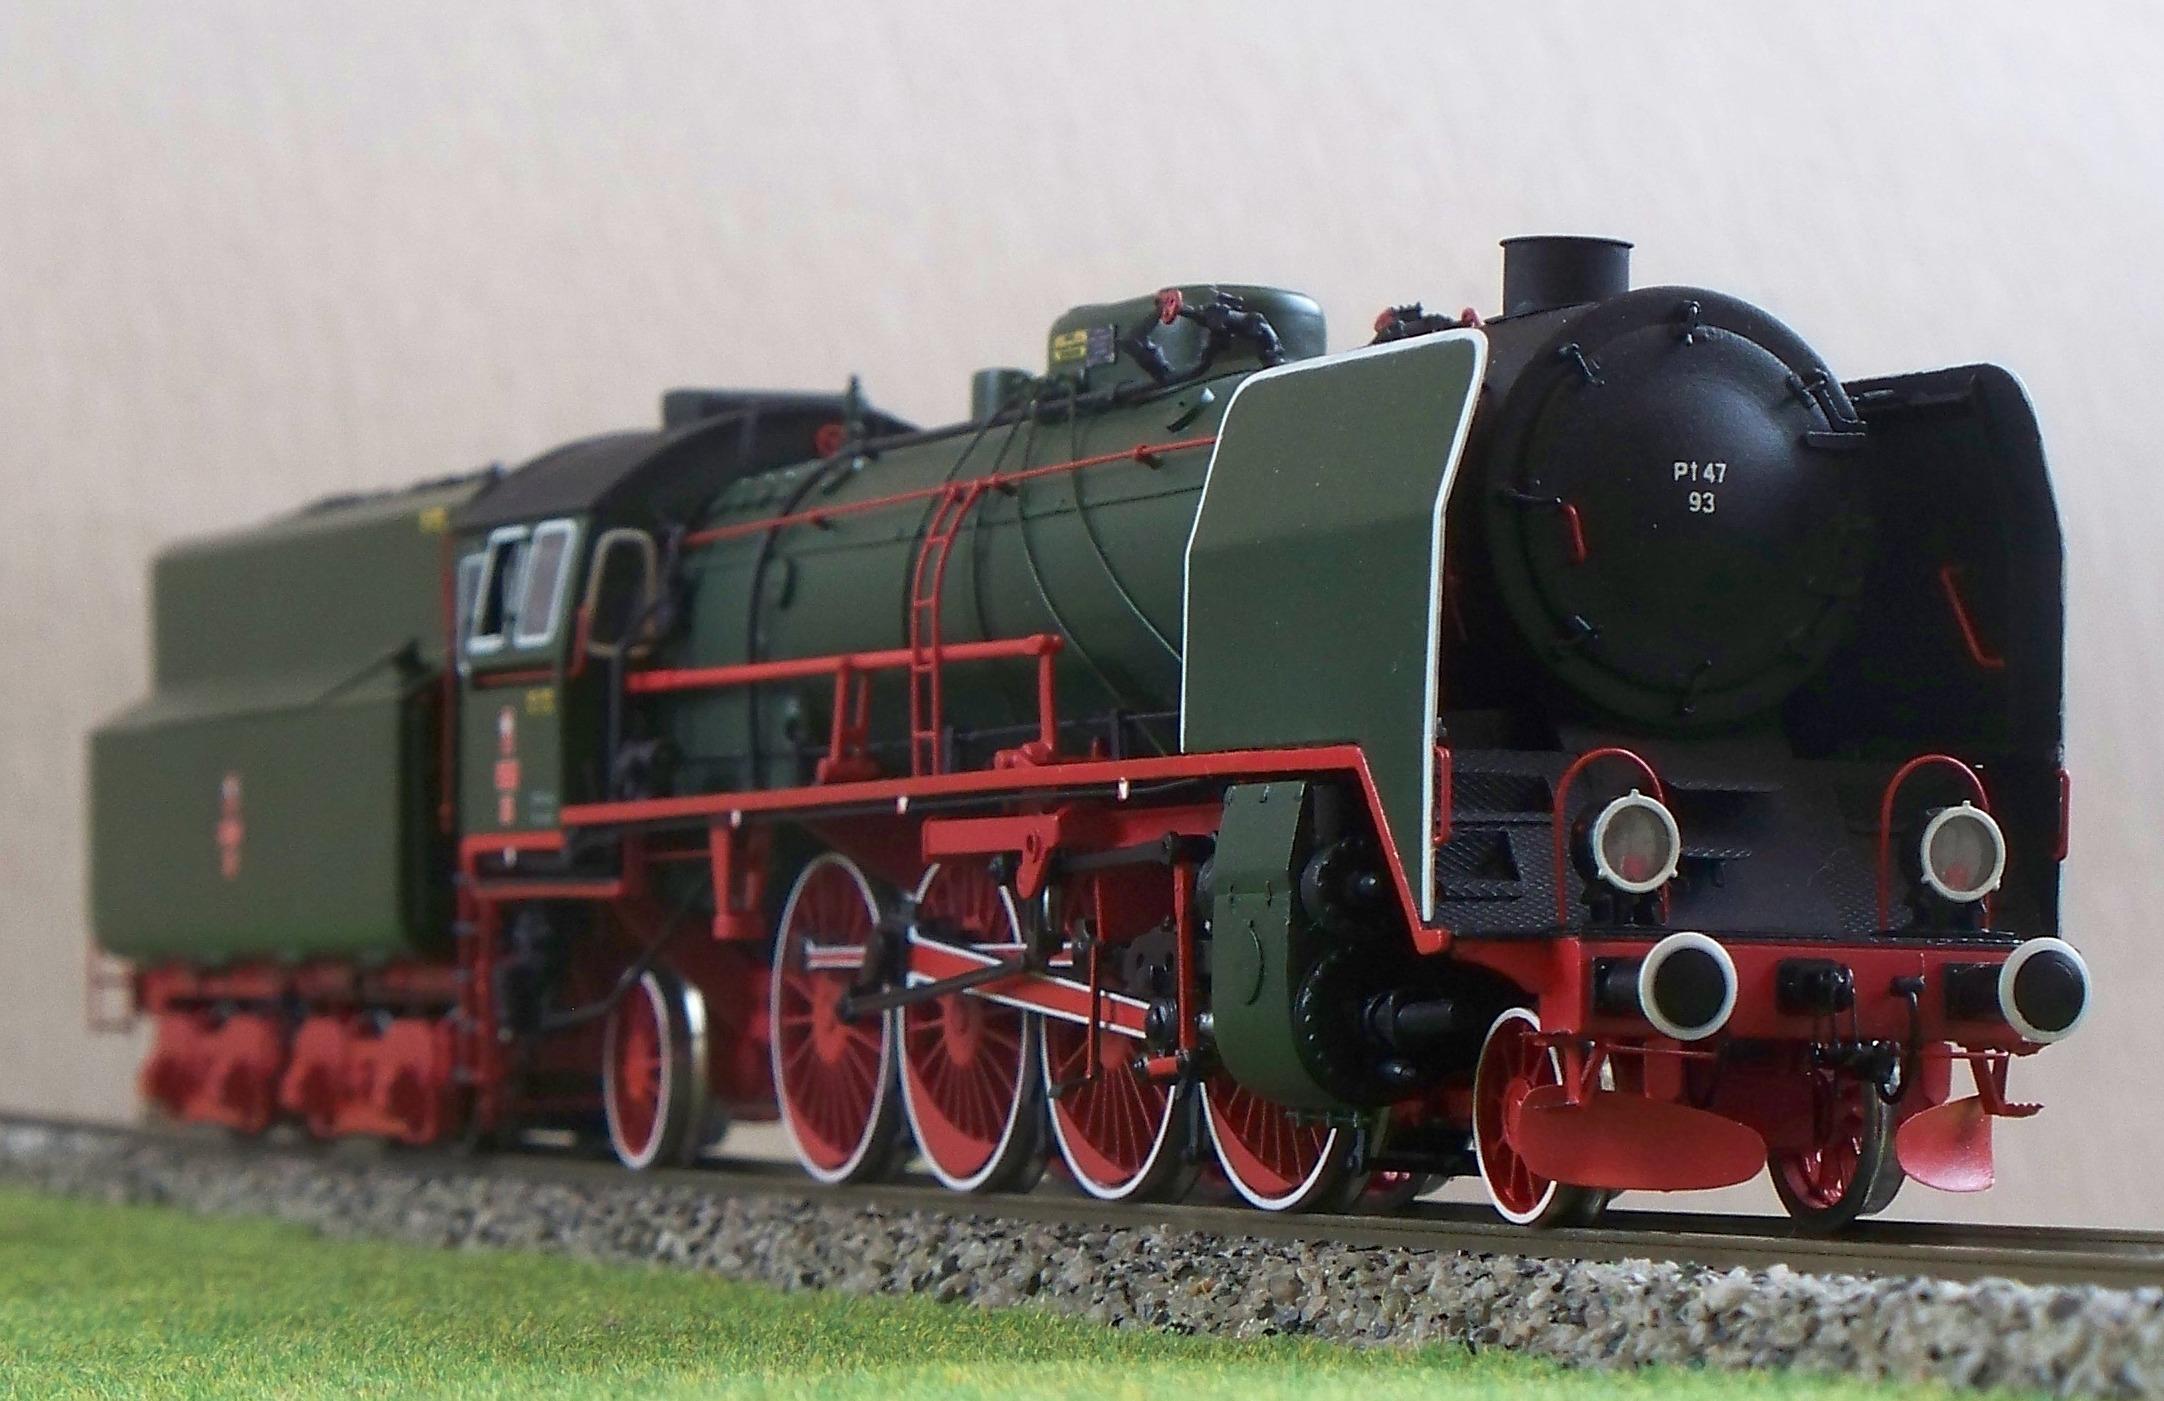 Wystawa makiet kolejowych, Muzeum Inżynierii Miejskiej (źródło: materiały prasowe organizatora)